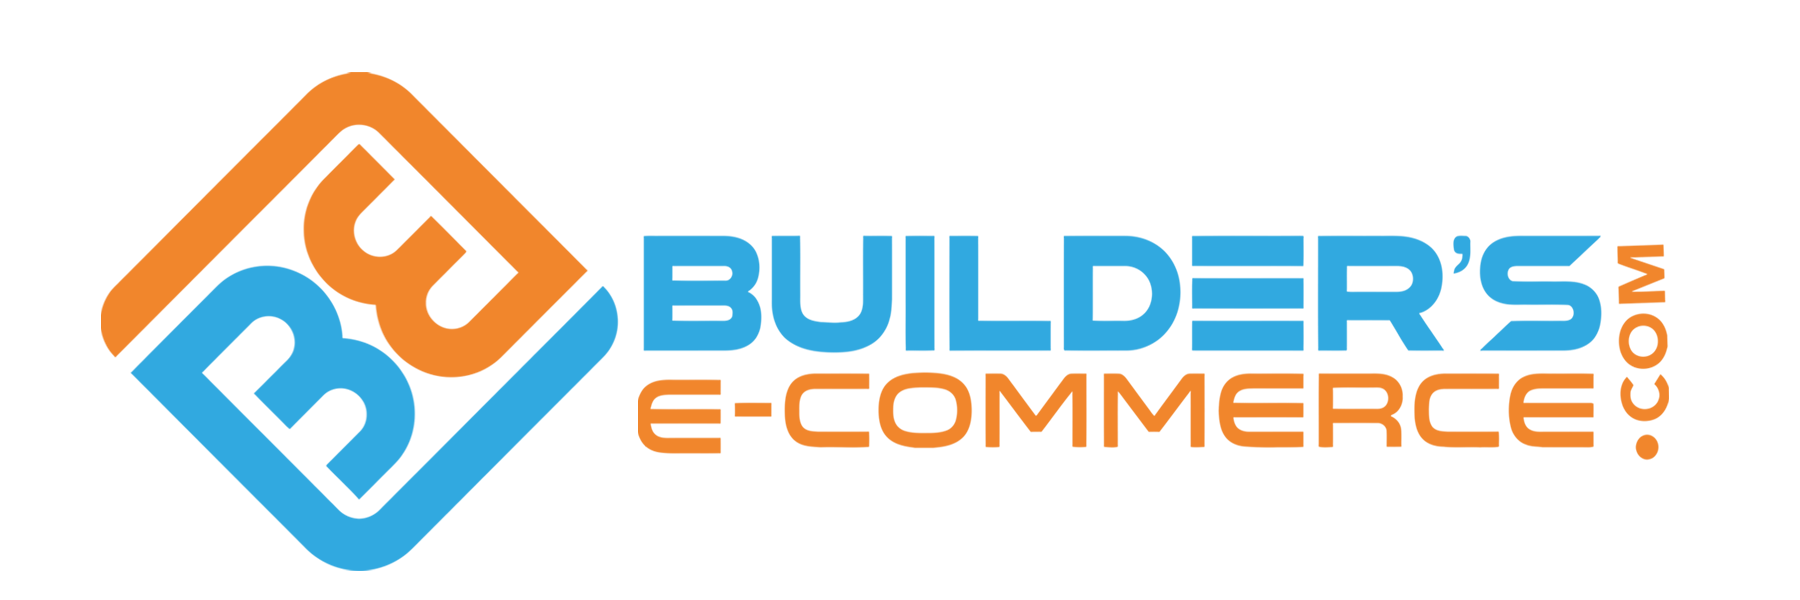 Builder's E-Commerce.com logo